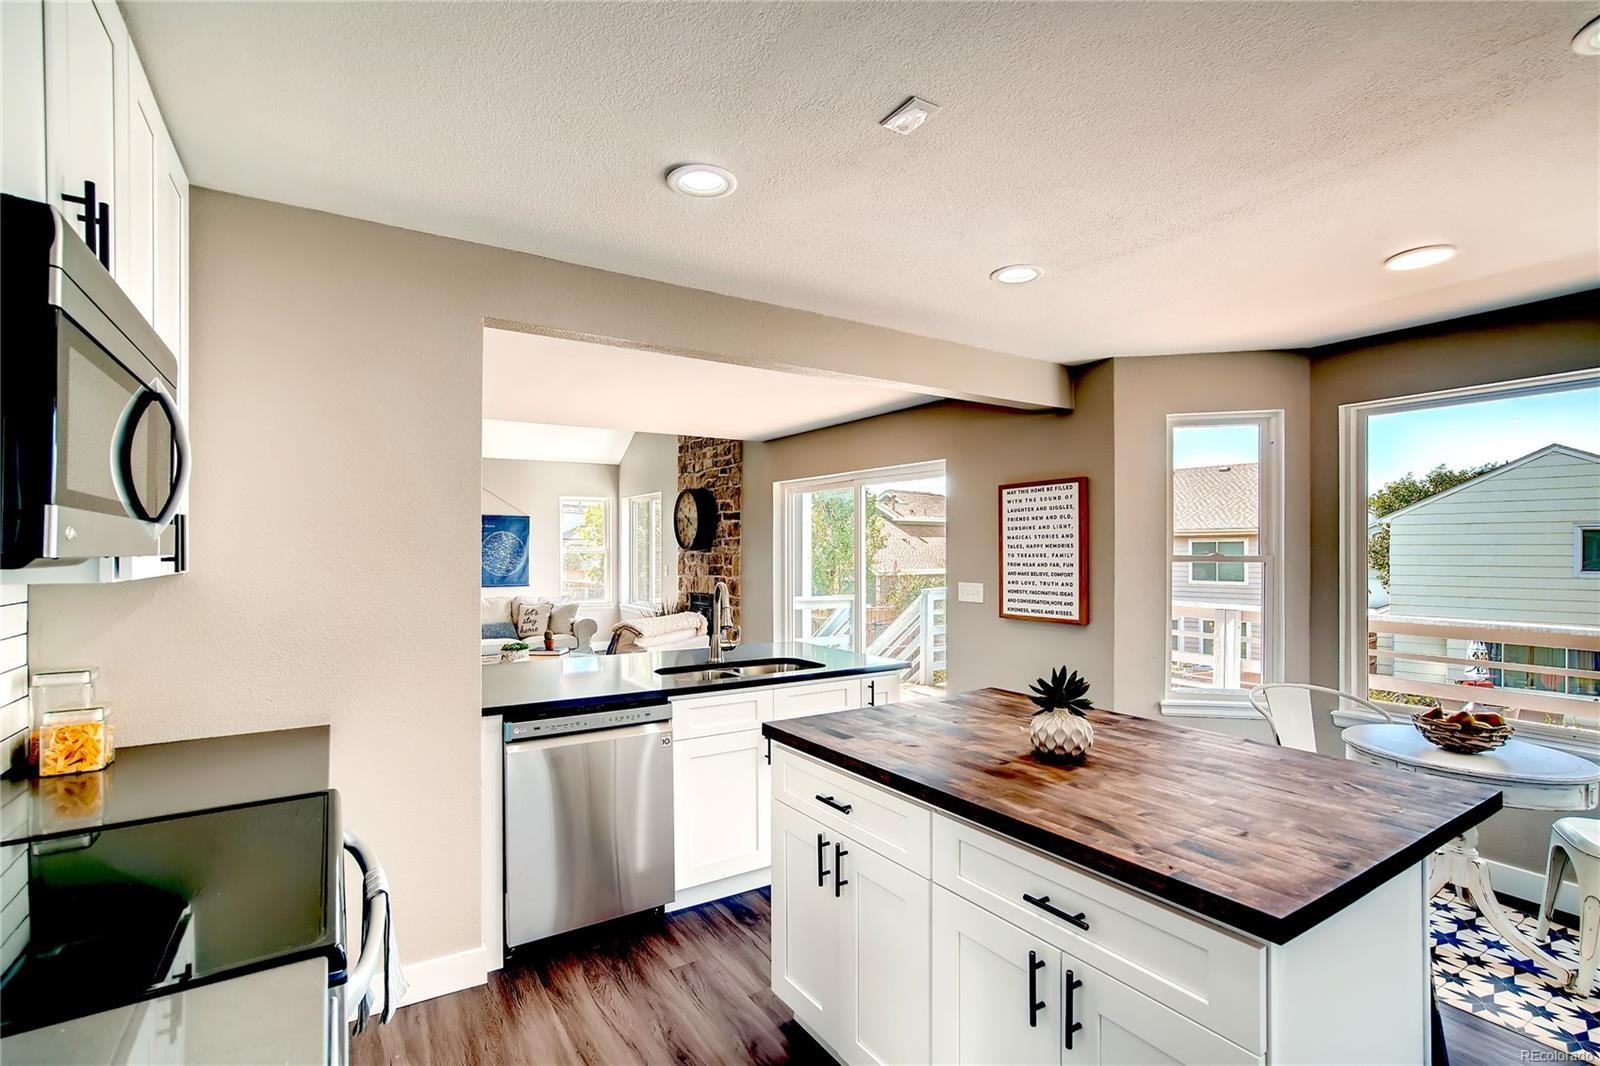 MLS# 5211289 - 1 - 9627  Hemlock Court, Highlands Ranch, CO 80130